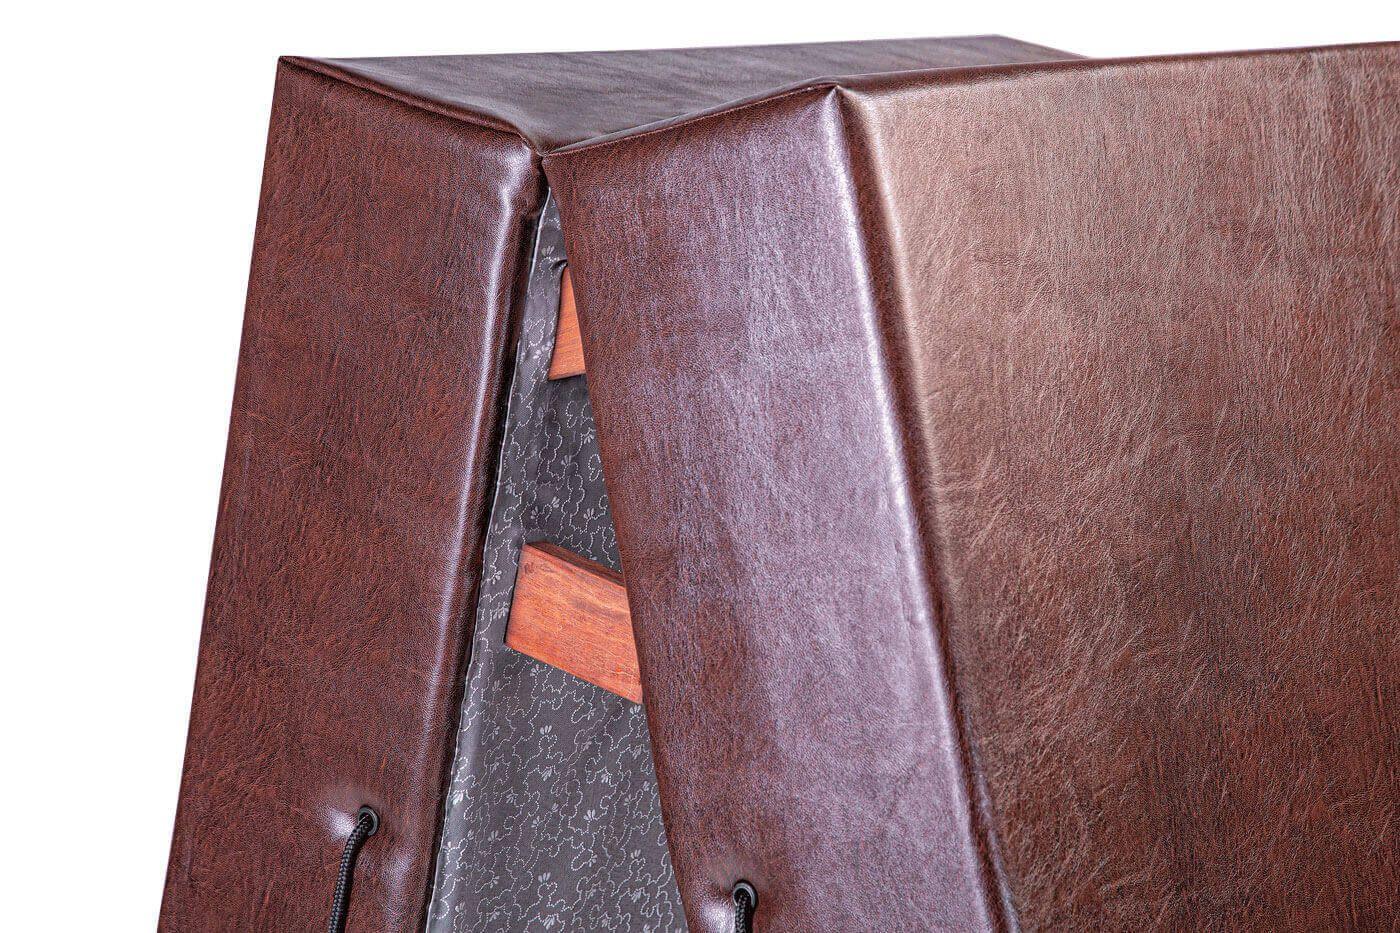 Cama Dobrável, Solteiro de Abrir com Colchão Embutido 70cm x 190cm CORINO Kenko Premium  - Kenko Premium Colchões